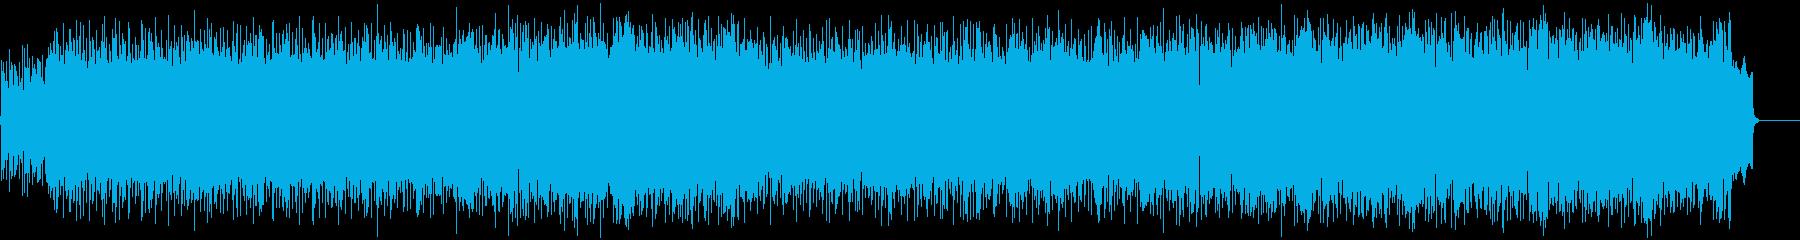 力強い歌謡曲風ポップス(フルサイズ)の再生済みの波形